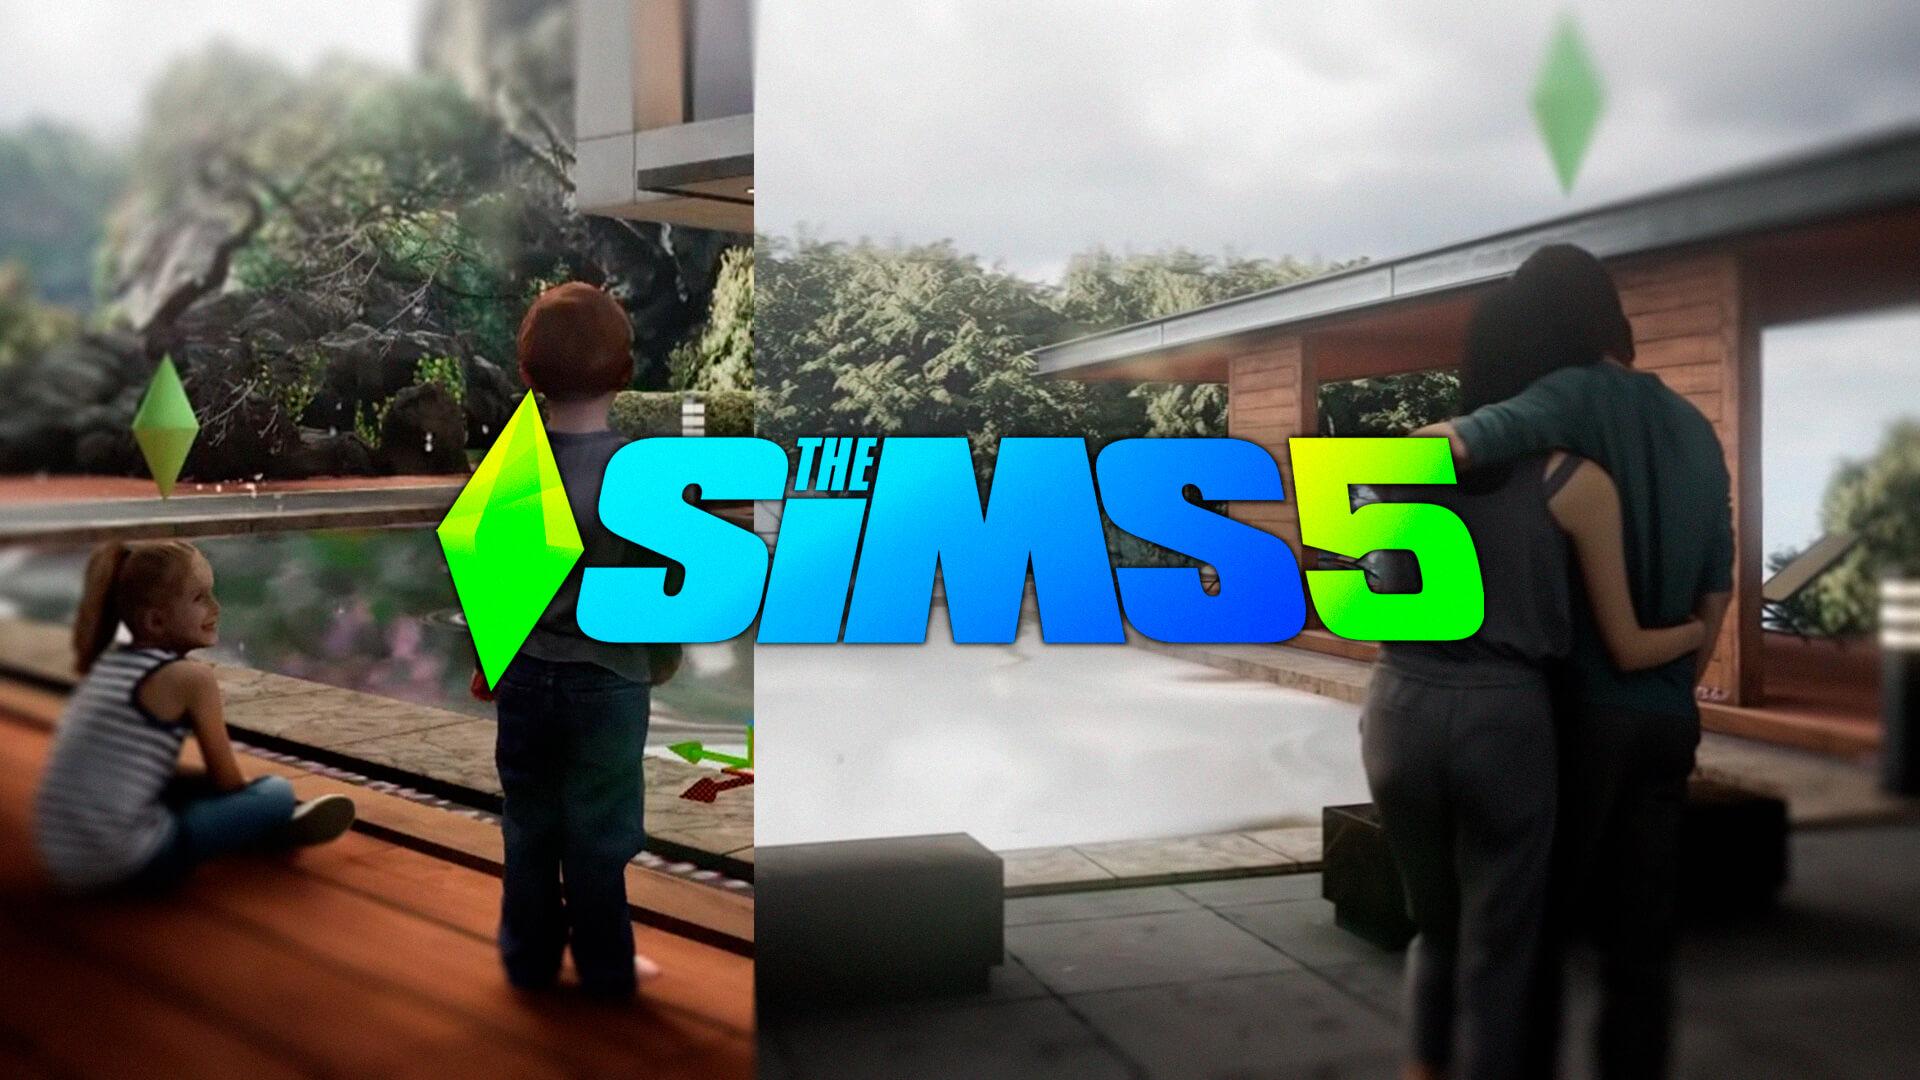 Com a chegada da Unreal Engine 5, os jogadores do futuro The Sims 5 começaram a pensar como seria o próximo jogo da EA Games.